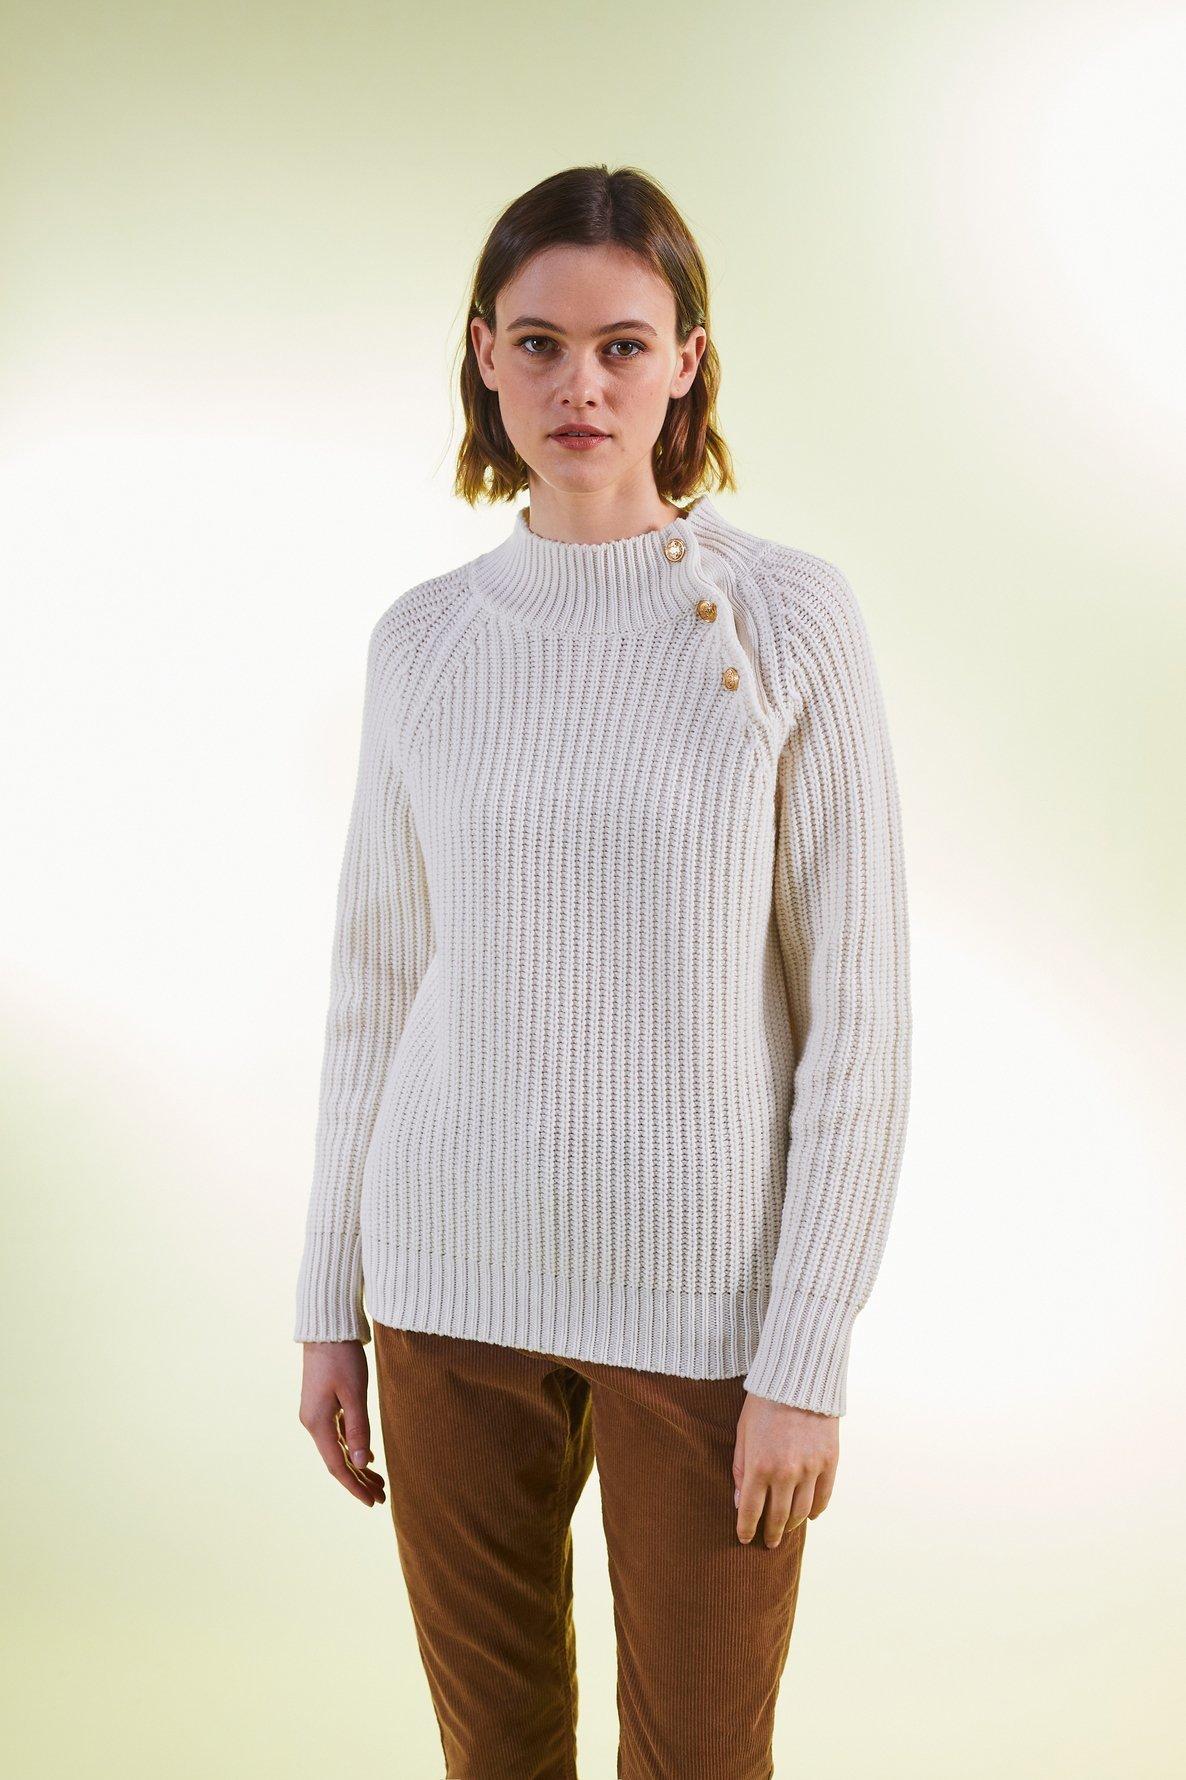 NOHELIA - Джемпер из мериносовой шерсти с пуговицами